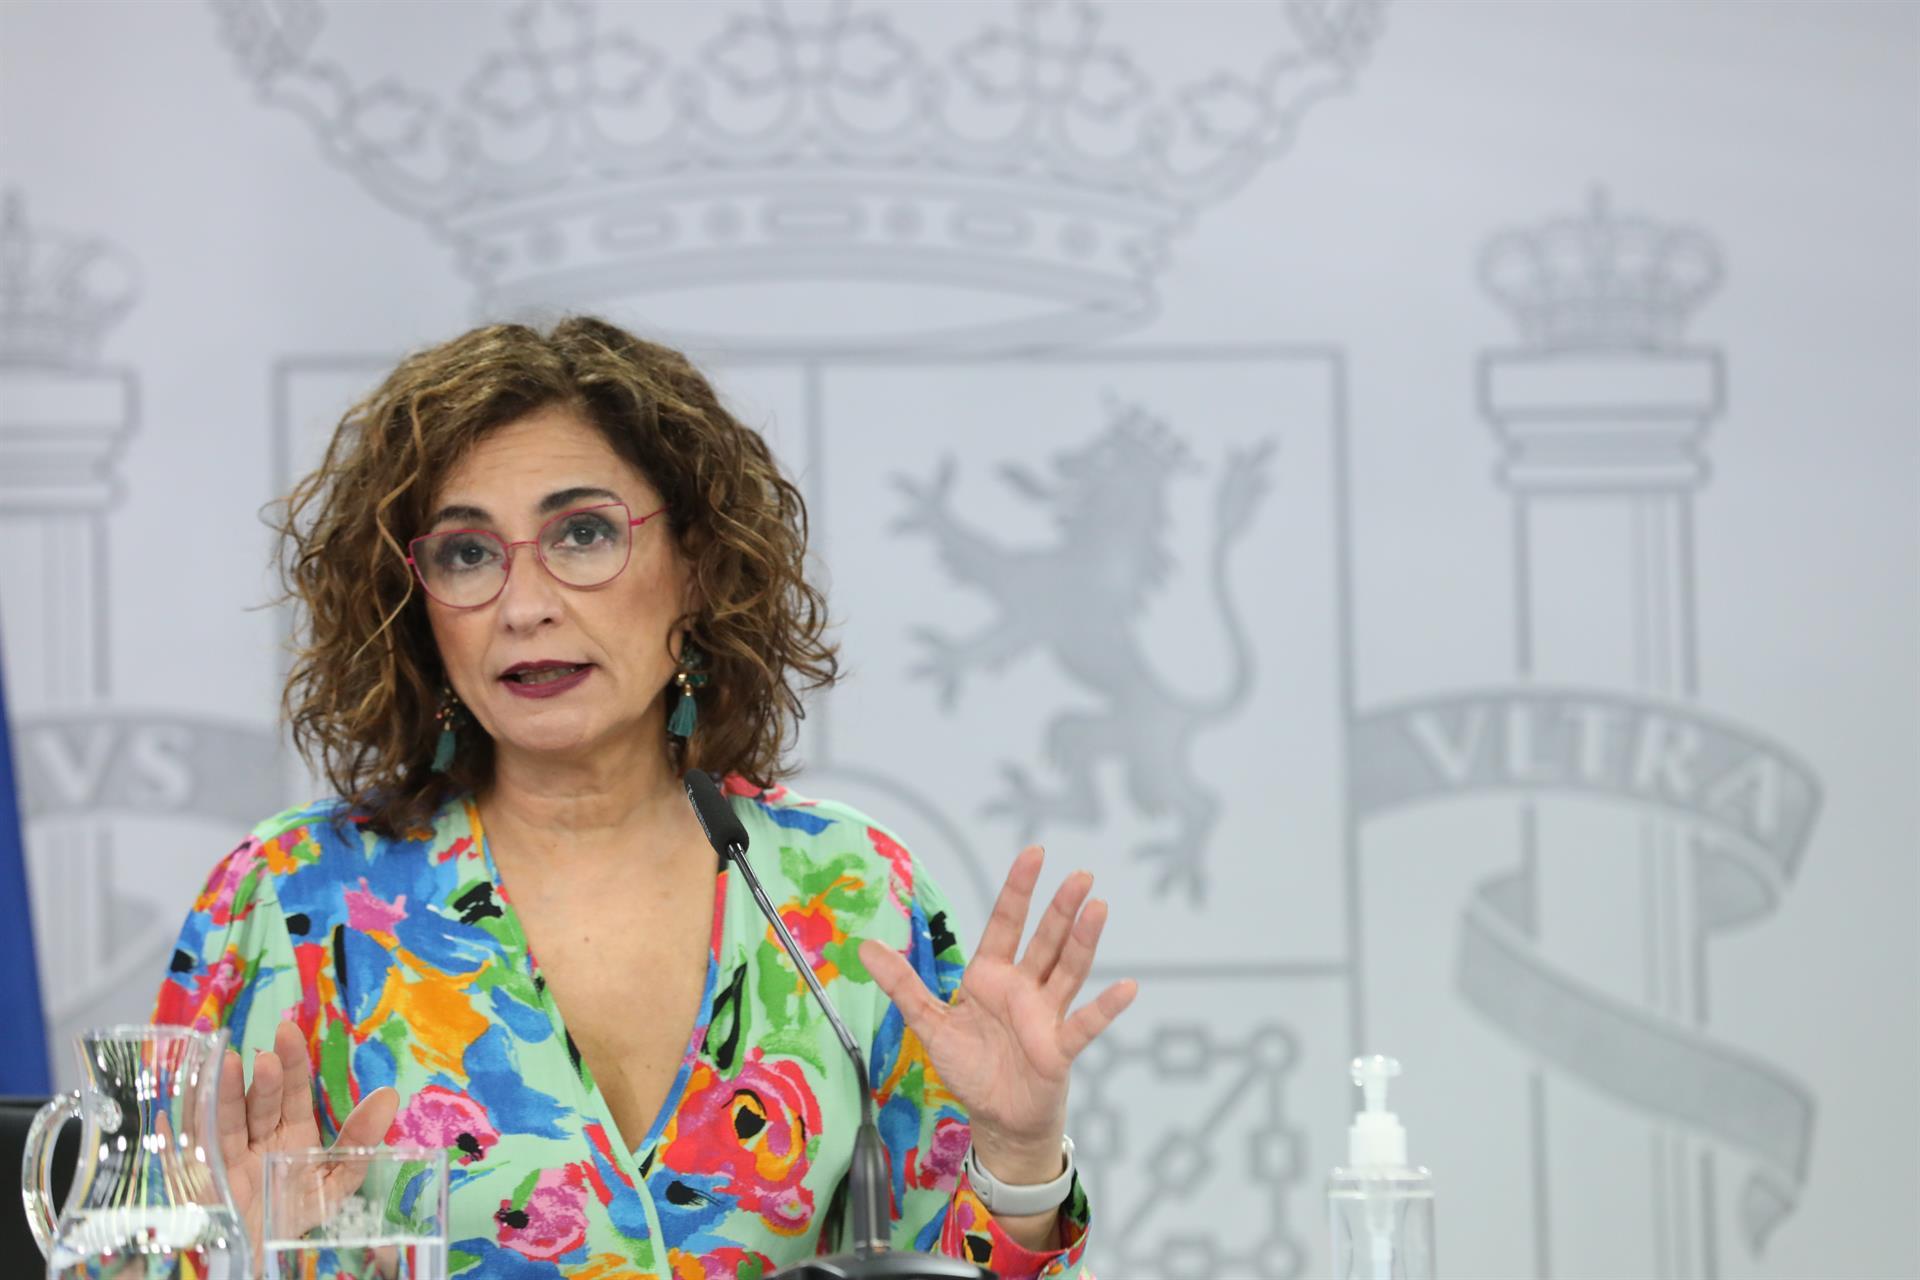 La mayoría de CCAA, incluida Andalucía, se decanta por el criterio de población ajustada para repartir 13.486 millones